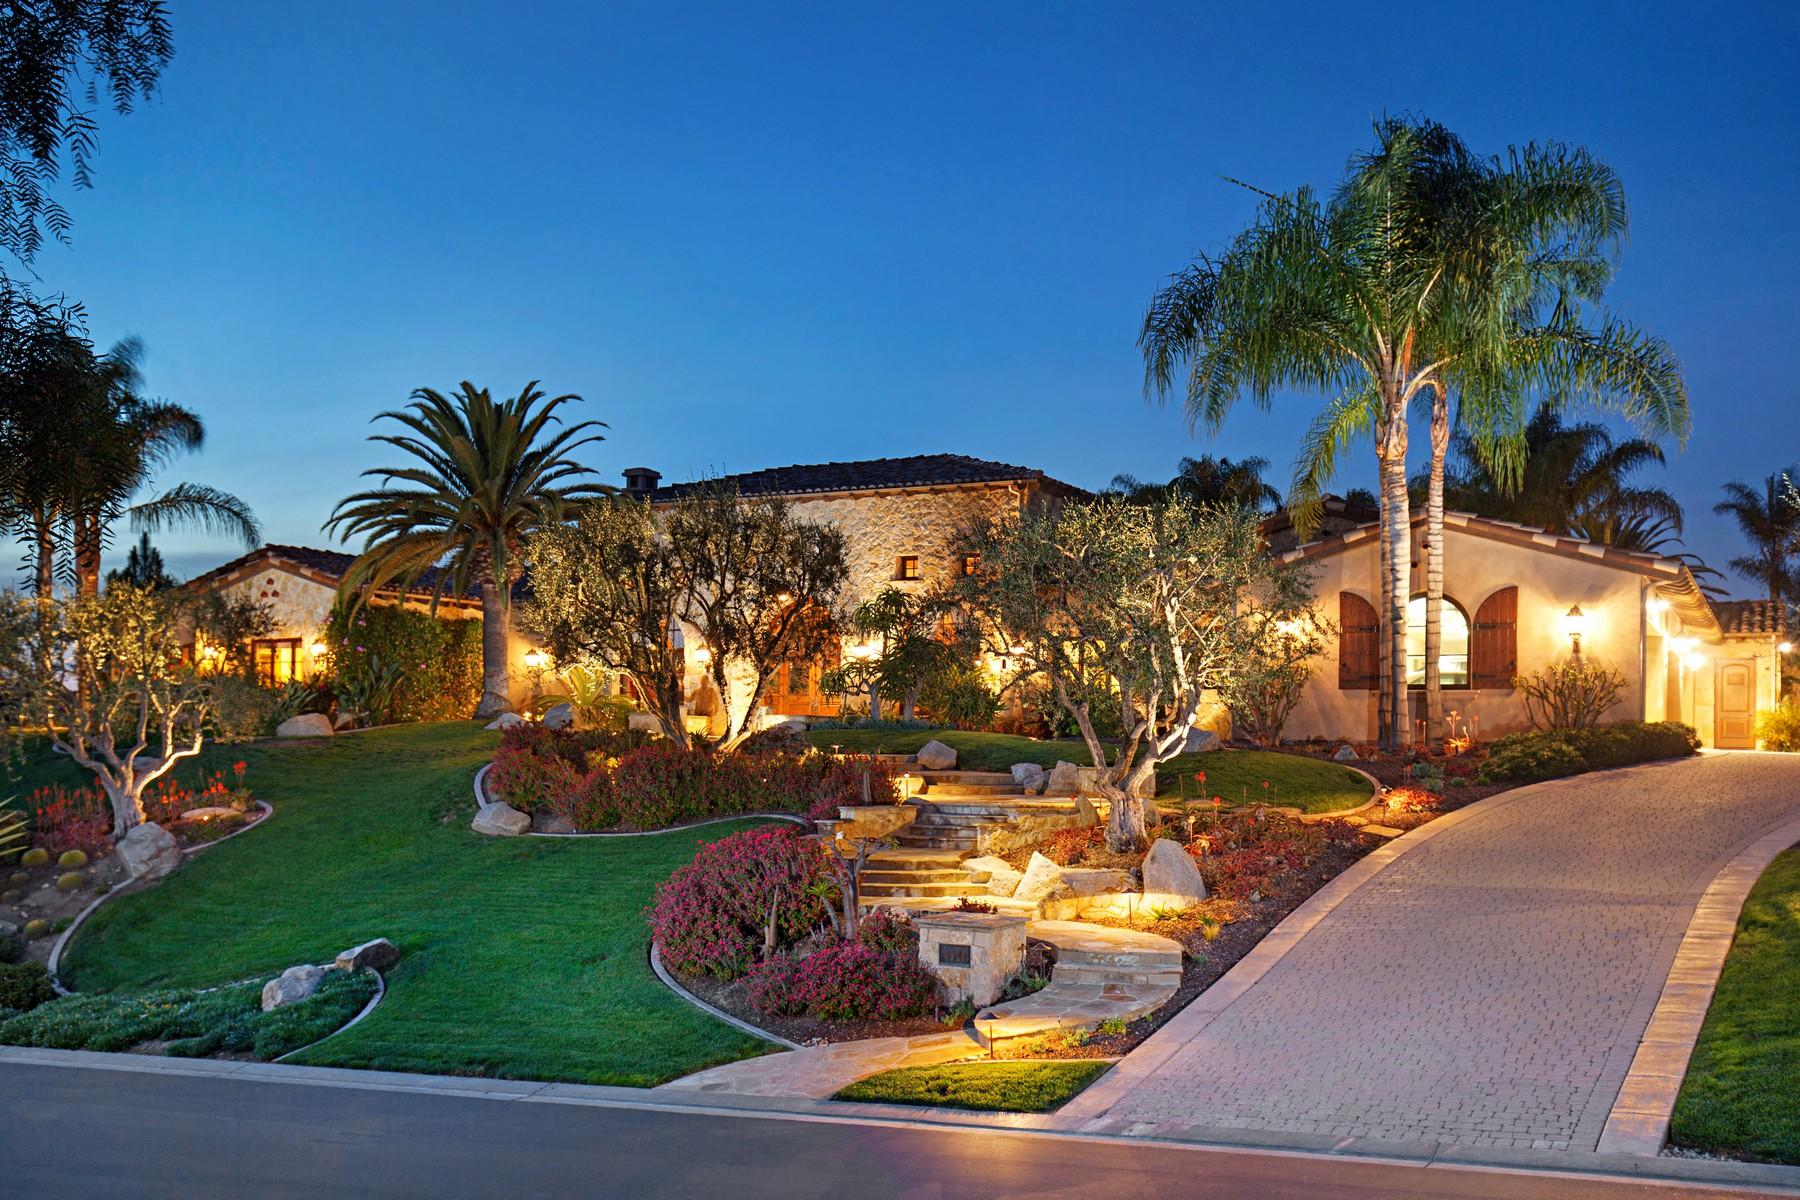 Частный односемейный дом для того Продажа на 4920 Rancho Del Mar Trail San Diego, 92130 Соединенные Штаты